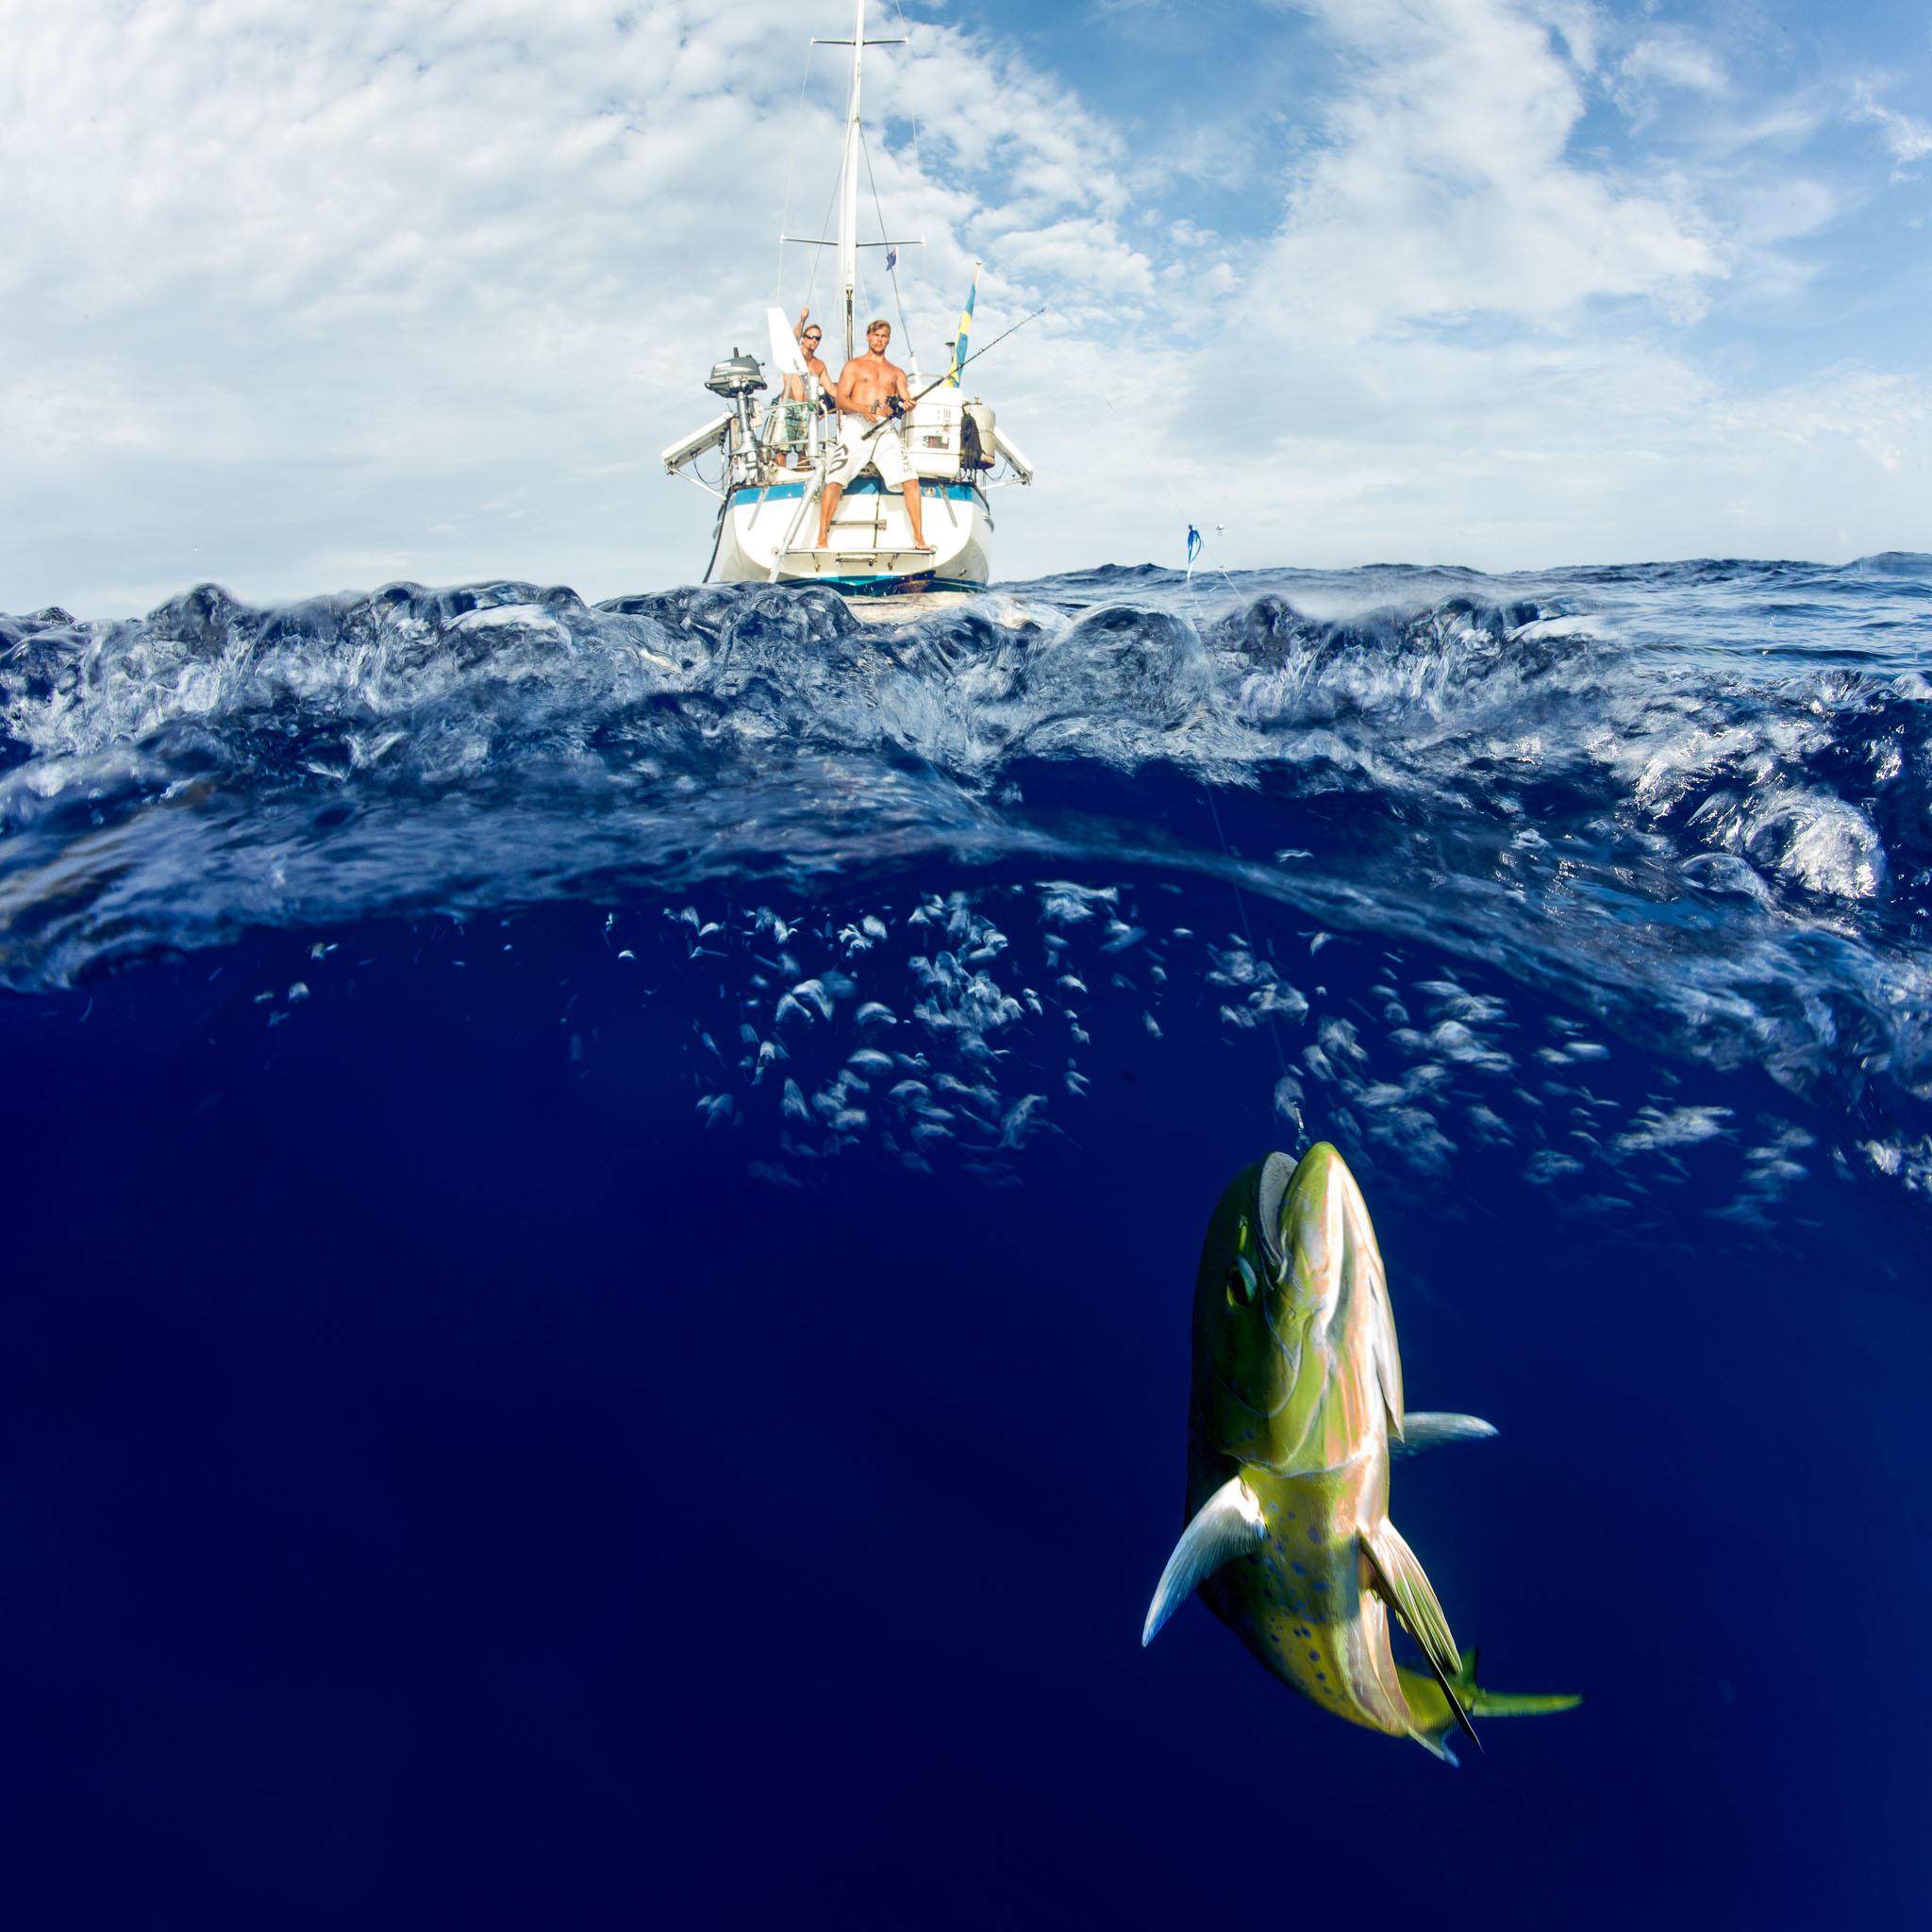 over-under-shot-underwater-split-shot-split-surface-underwater-photography